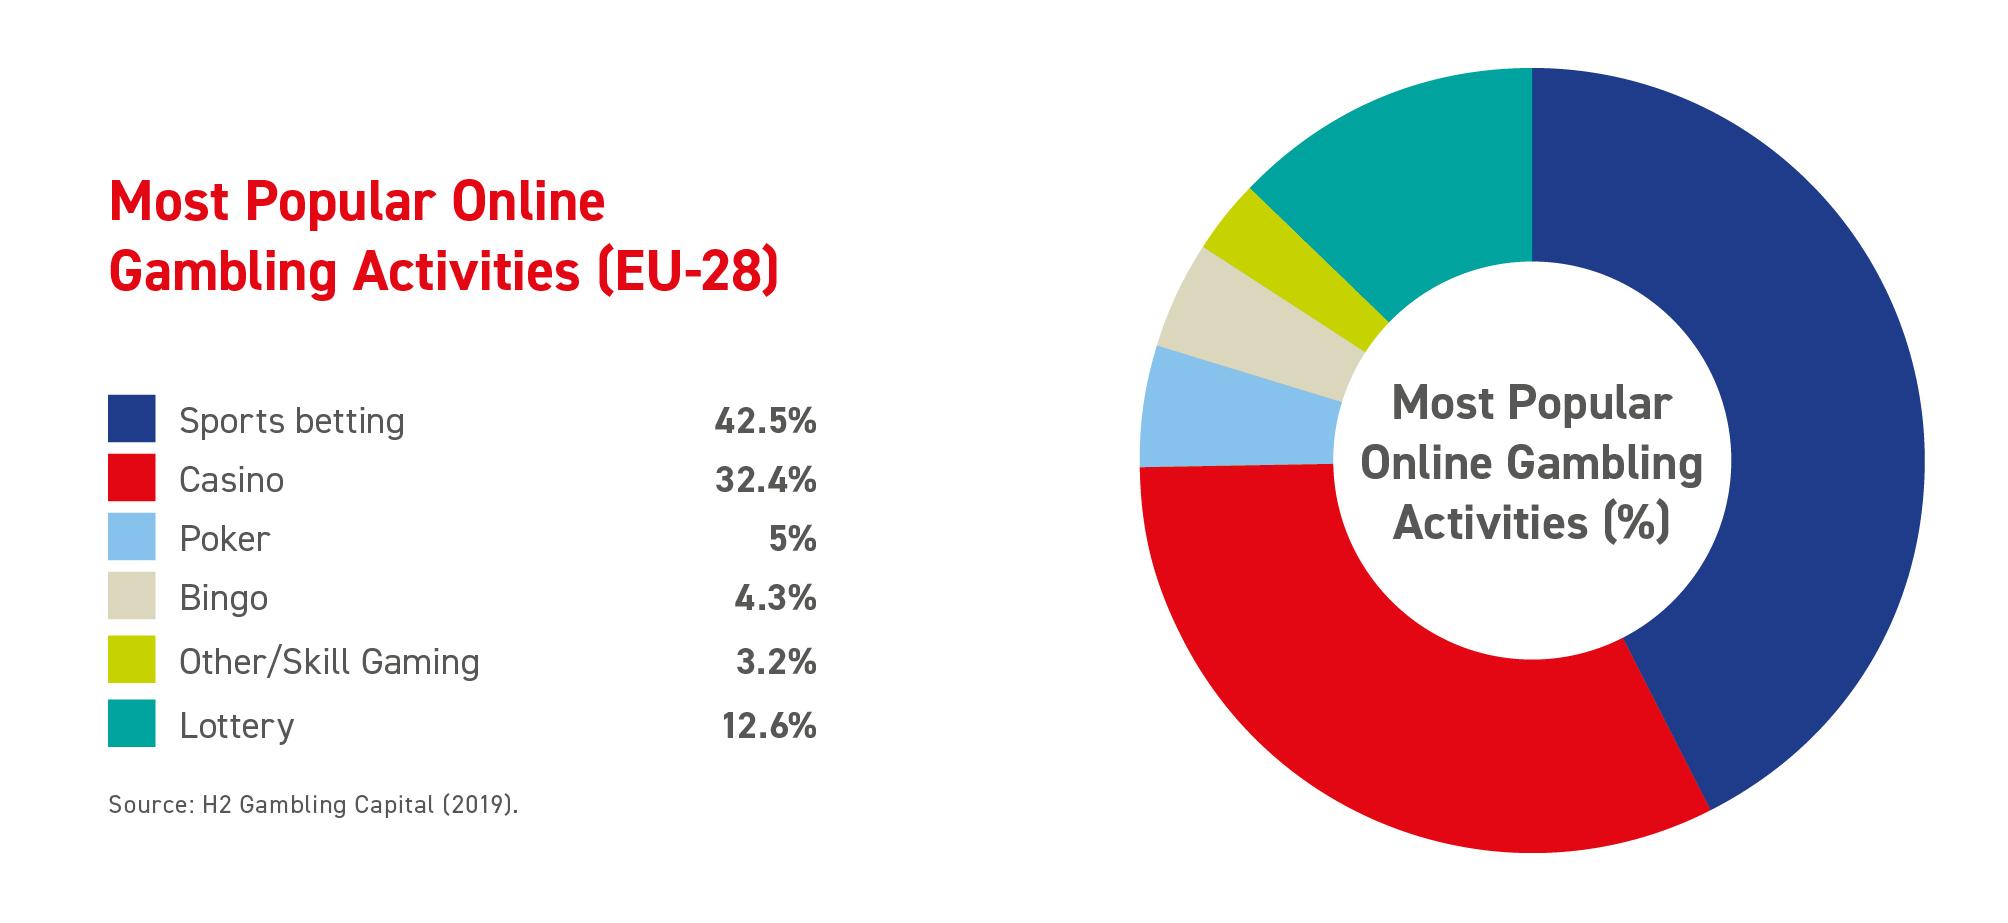 Most Popular Online Gambling Activities EU 28